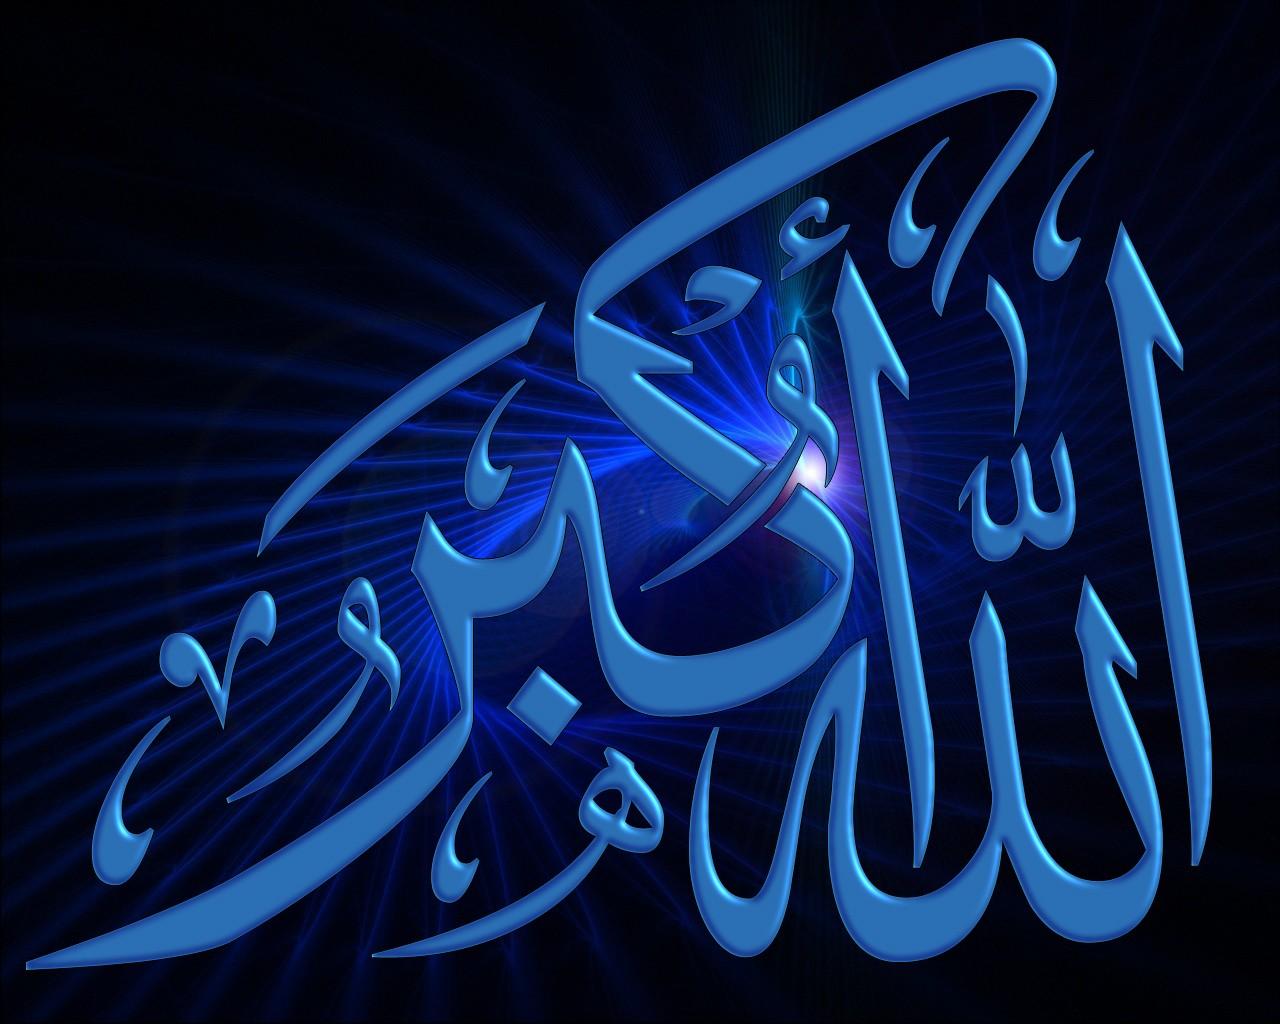 Gambar kaligrafi dengan lafadz Allahu Akbar dengan rancangan warna ...